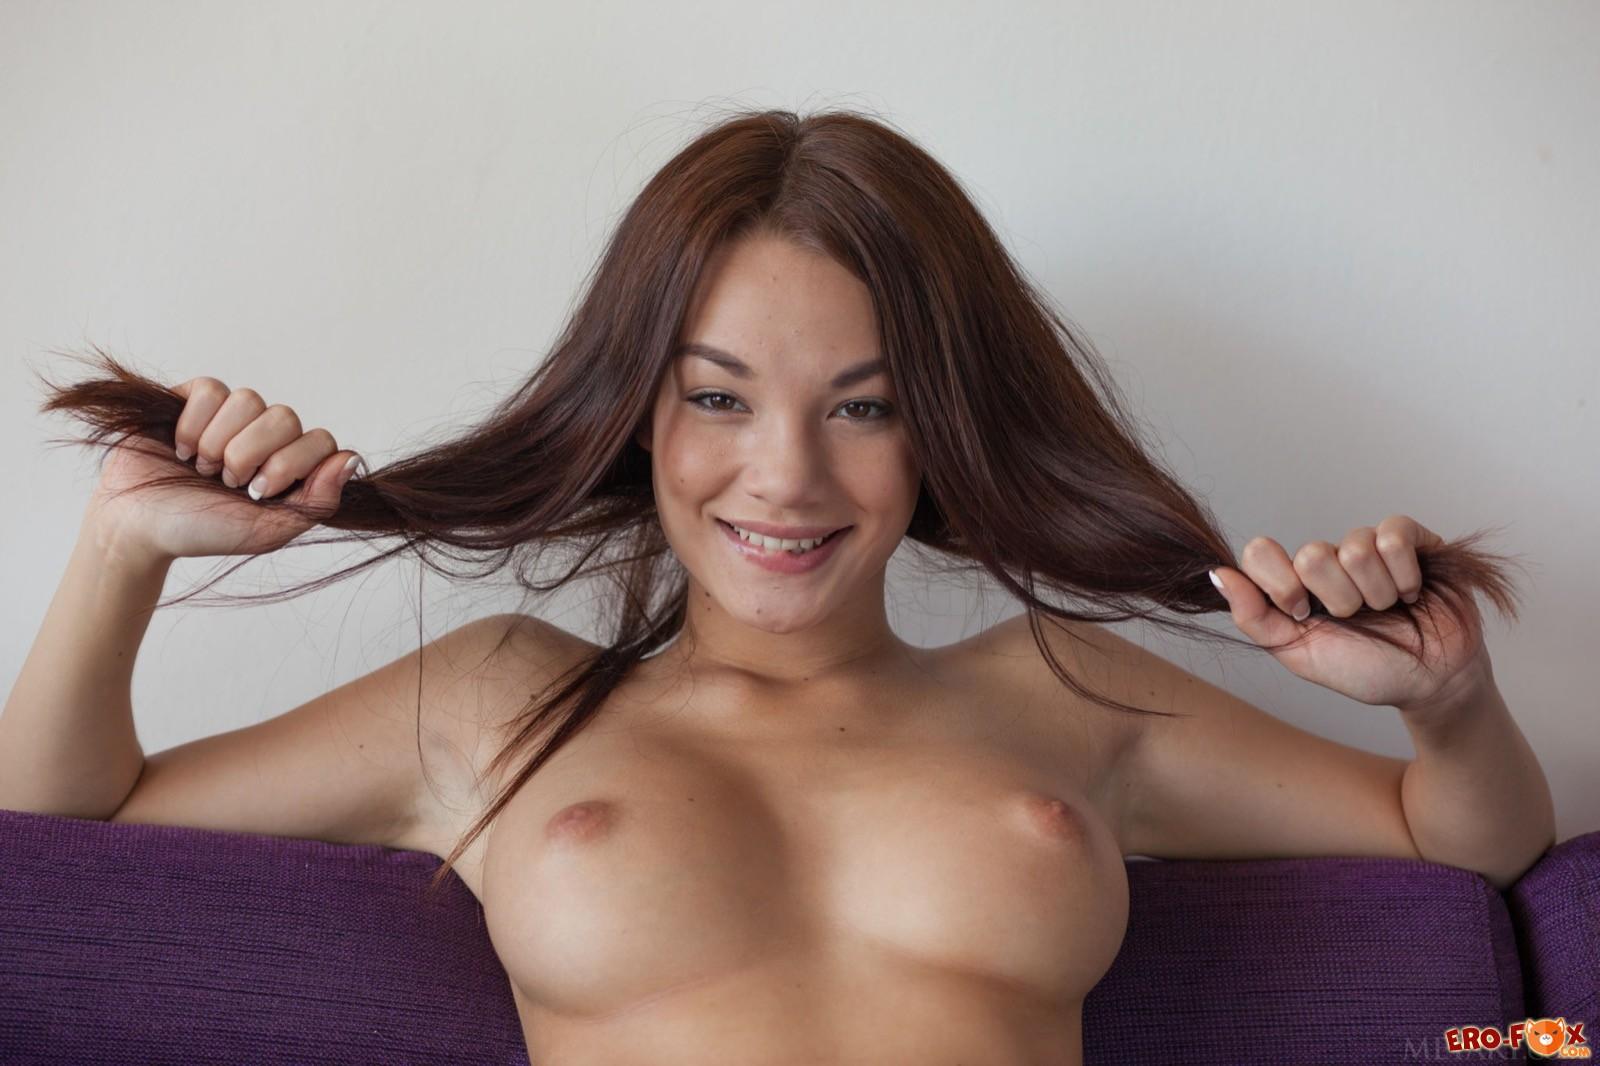 Симпатичная азиатка позирует в подвязке и туфлях